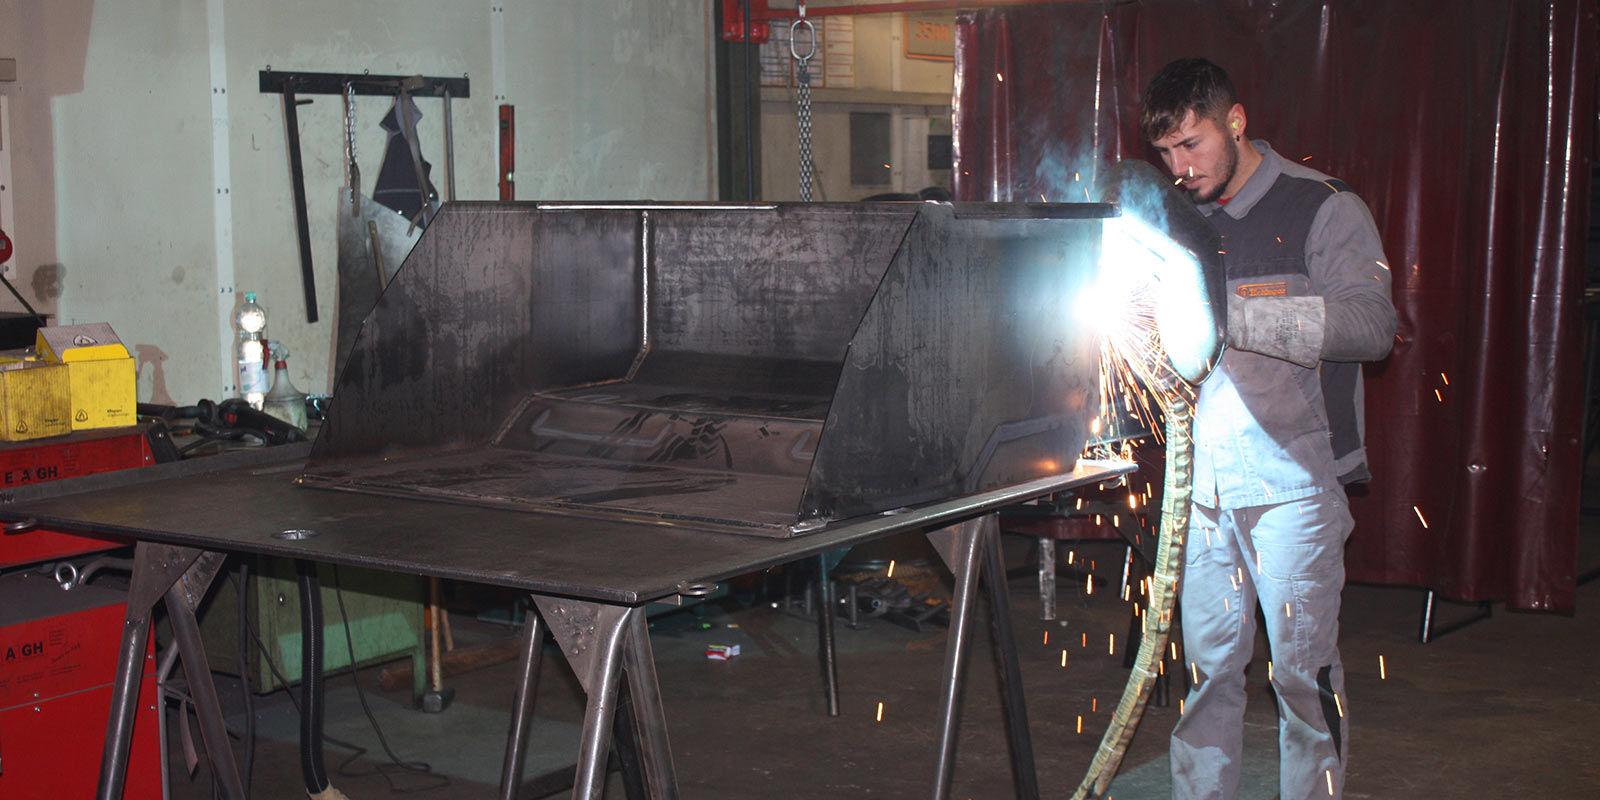 Stahlpreisentwicklung in der Betriebseinrichtung und Staplerzubehör